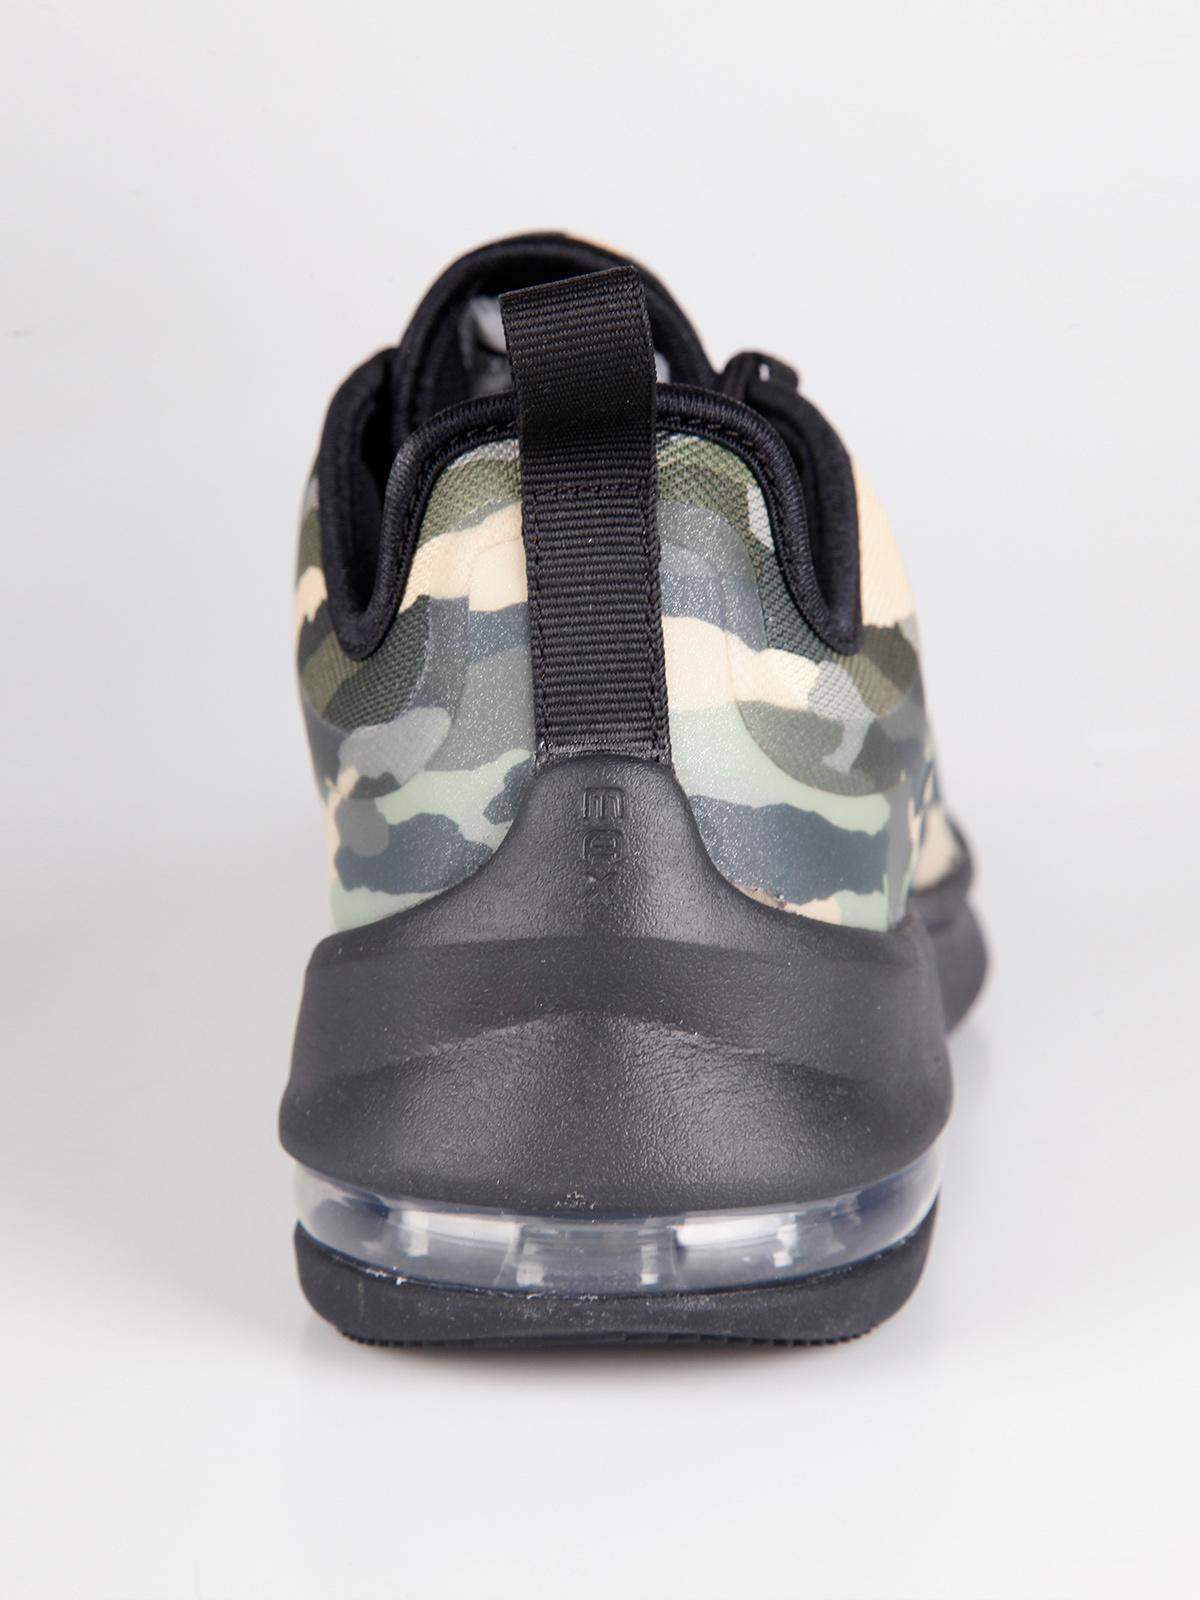 Air Max Axis Scarpe da corsa camouflage nike | MecShopping